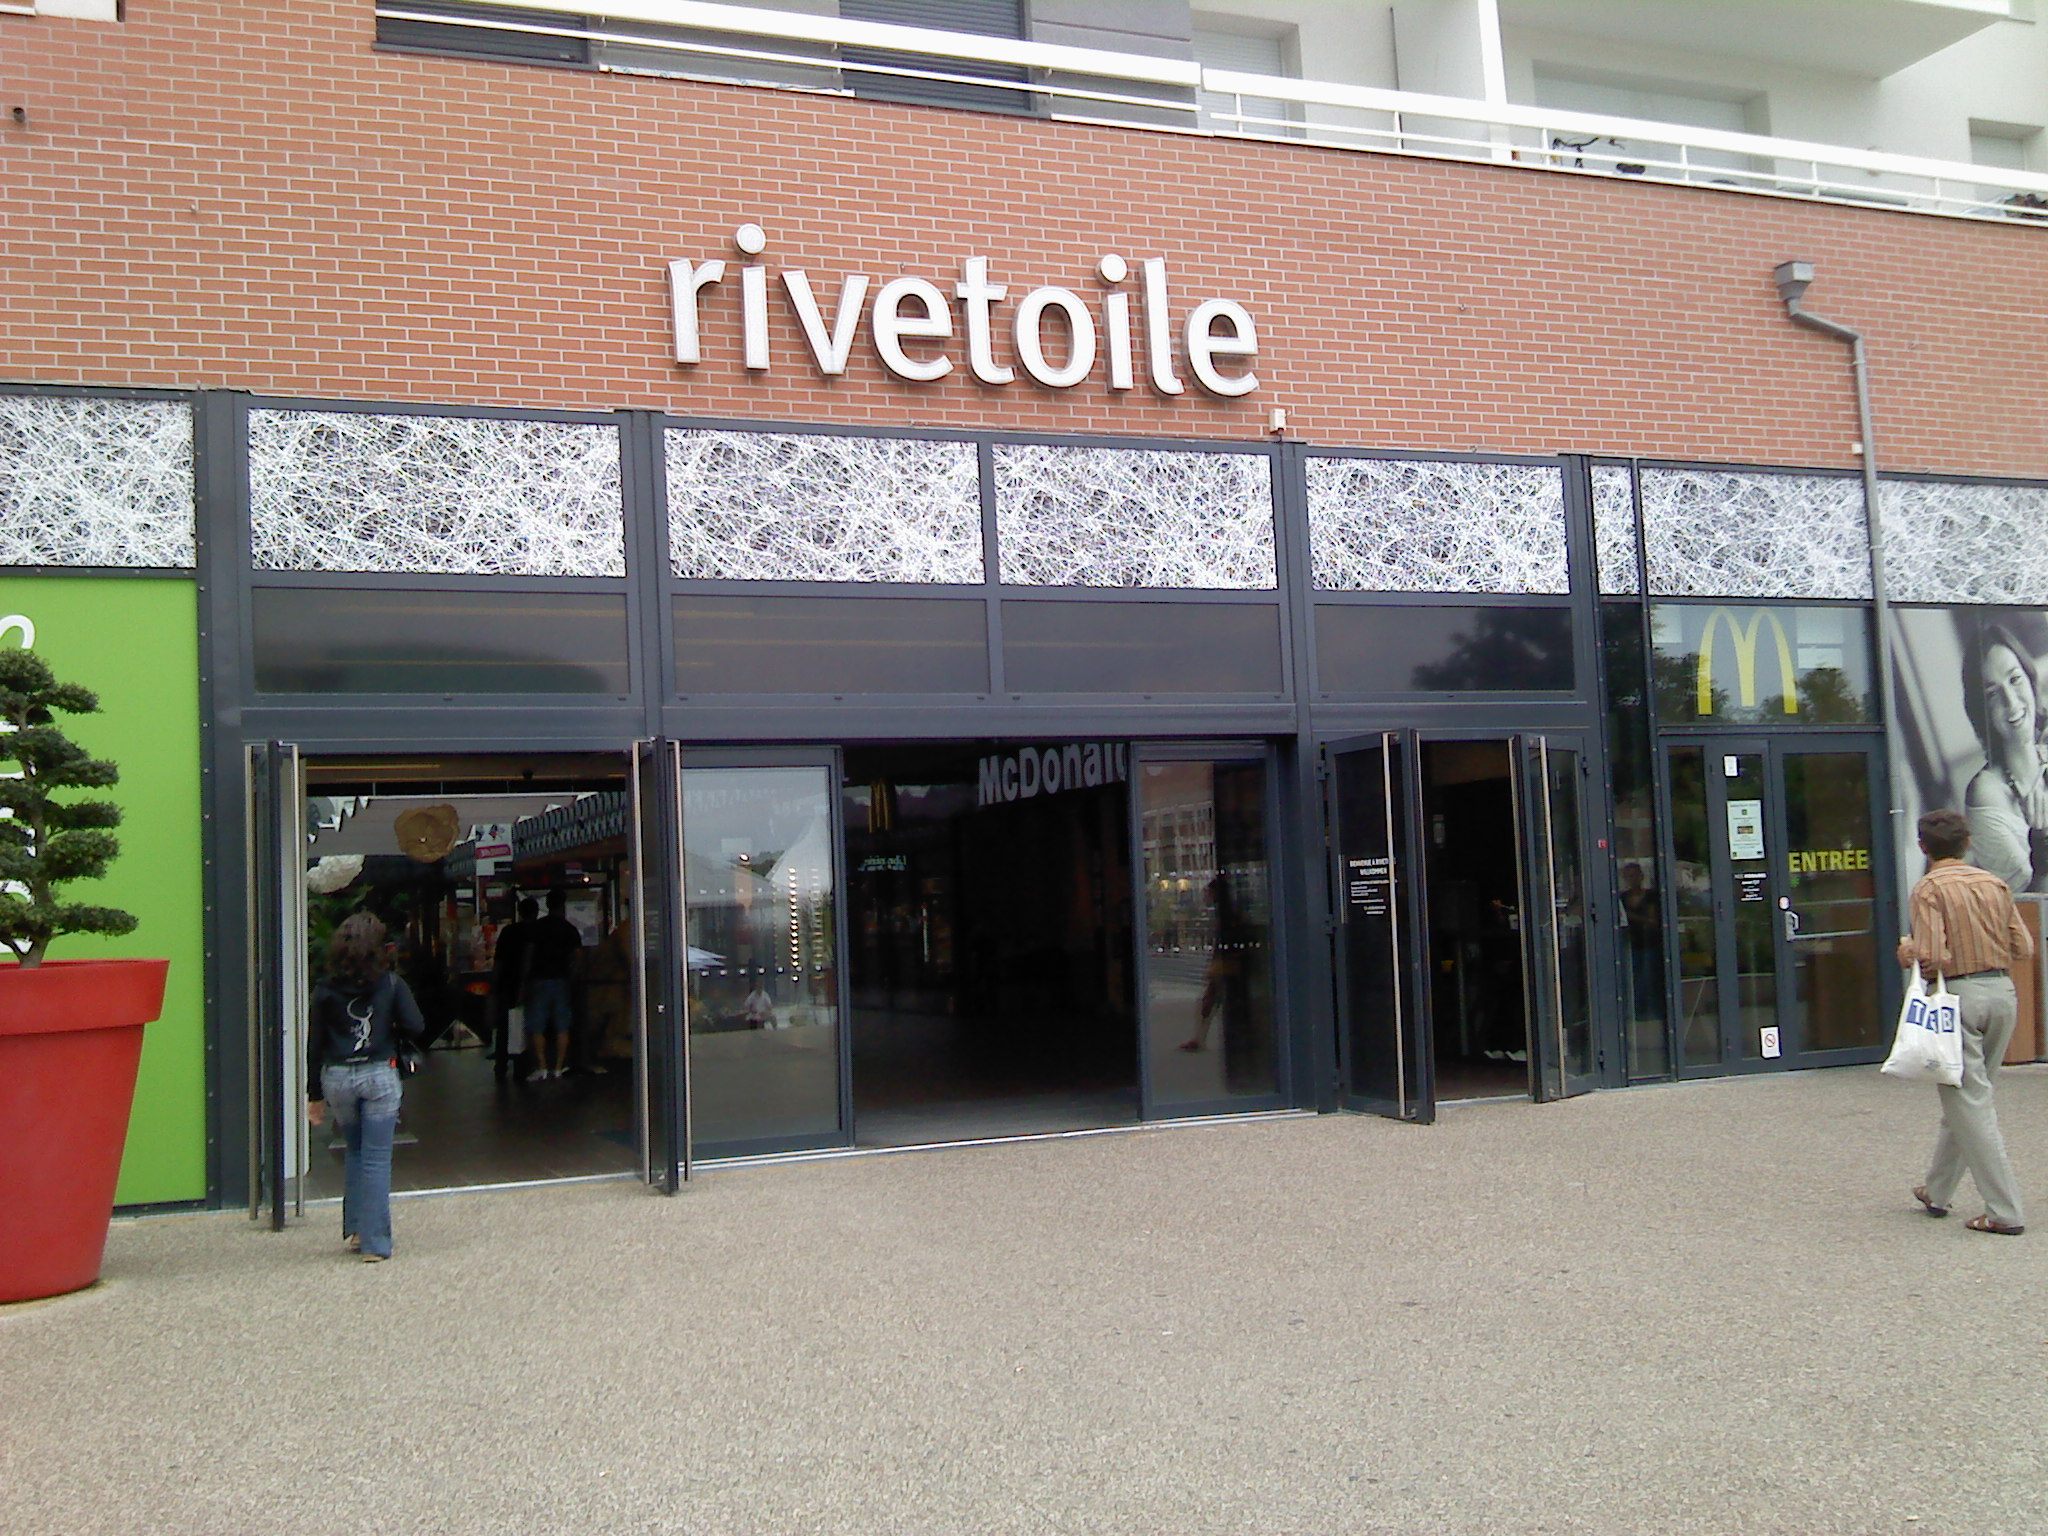 File entr e du centre commercial riv toile wikimedia commons - Centre commercial rivetoile strasbourg ...